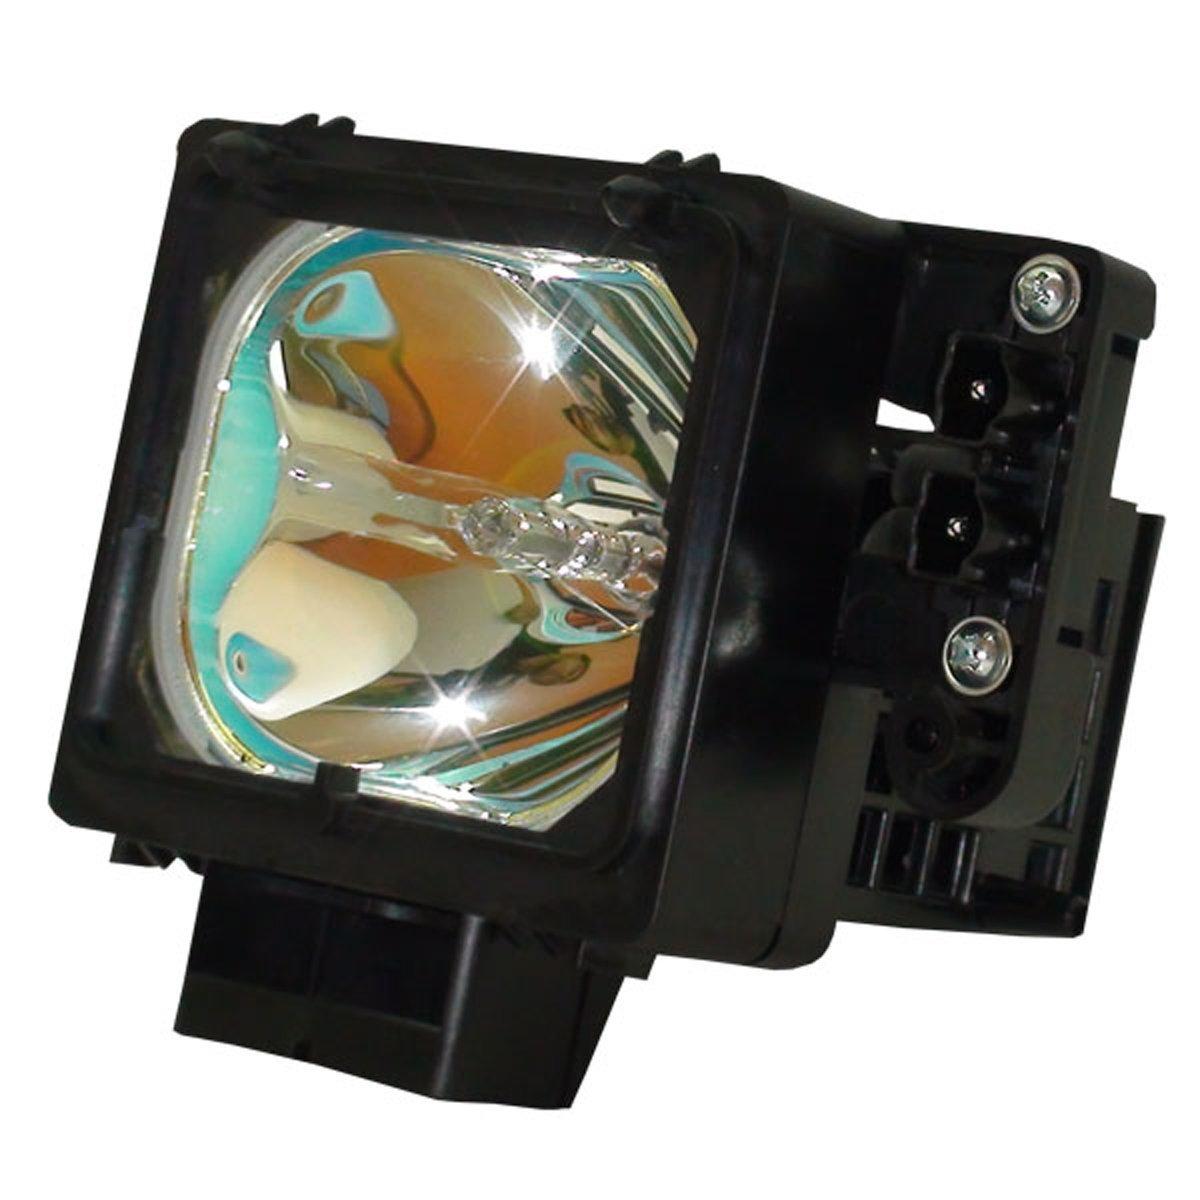 Sony XL2200 lámpara de proyección: Amazon.es: Electrónica